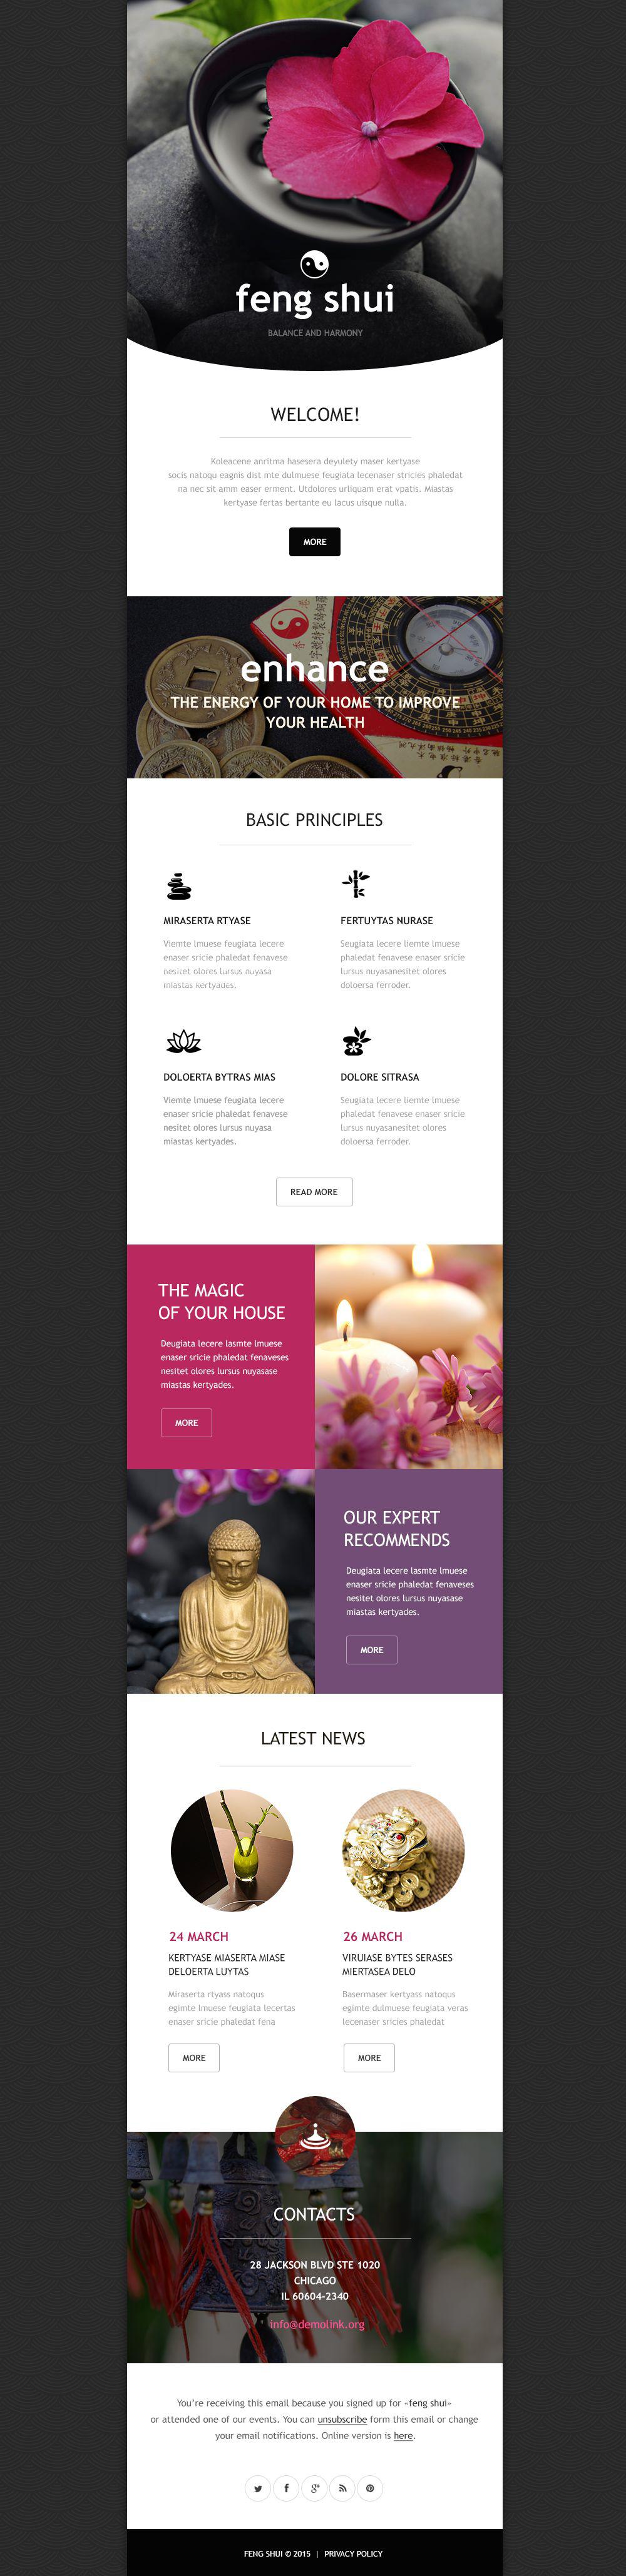 Feng Shui Responsive Newsletter Template - screenshot